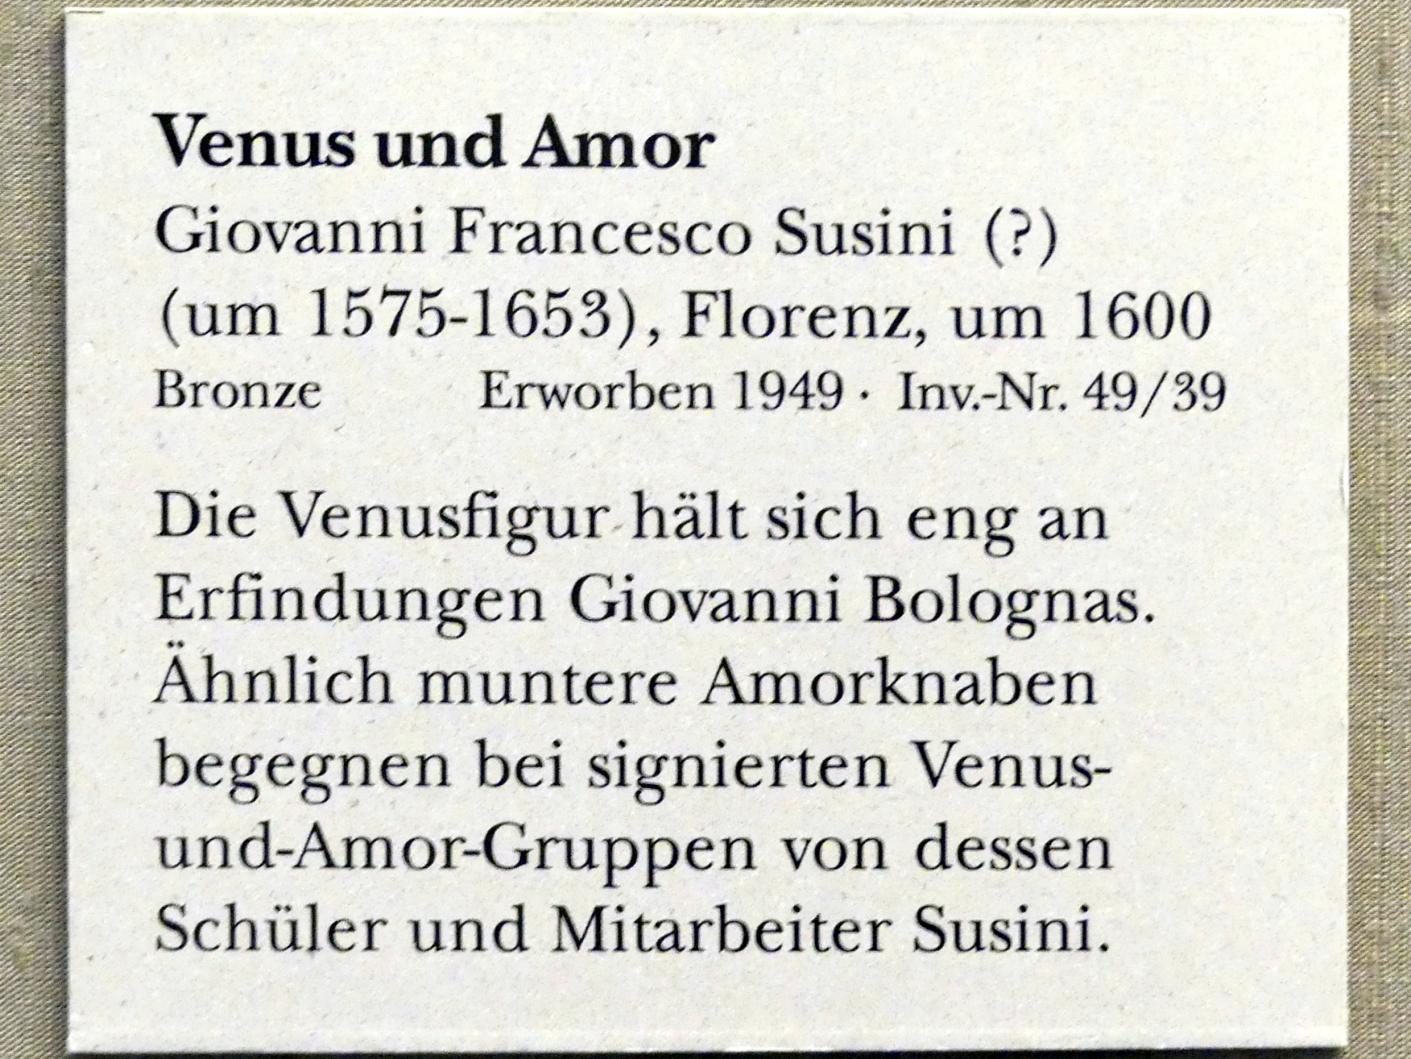 Giovanni Francesco Susini: Venus und Amor, um 1600, Bild 3/3